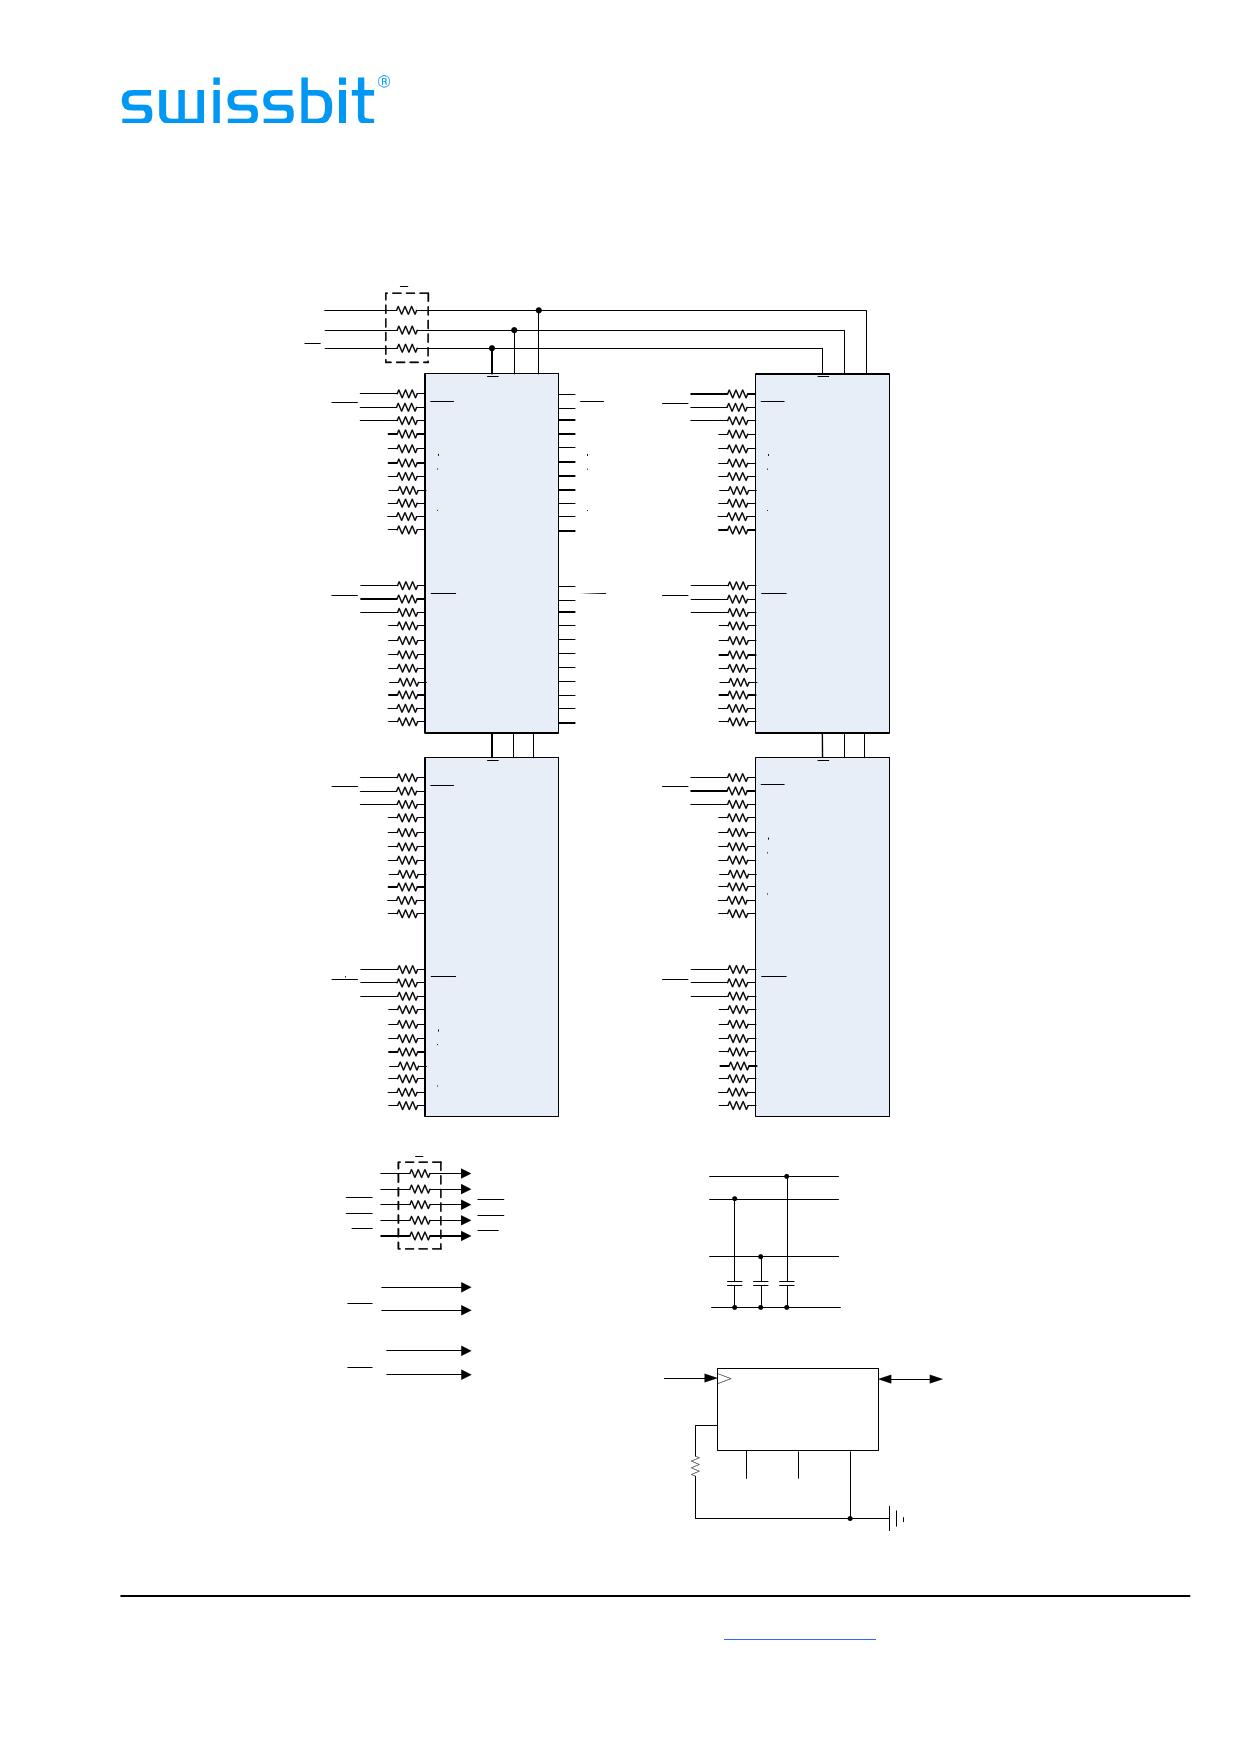 SEN06464H2CG1SA-30ER pdf